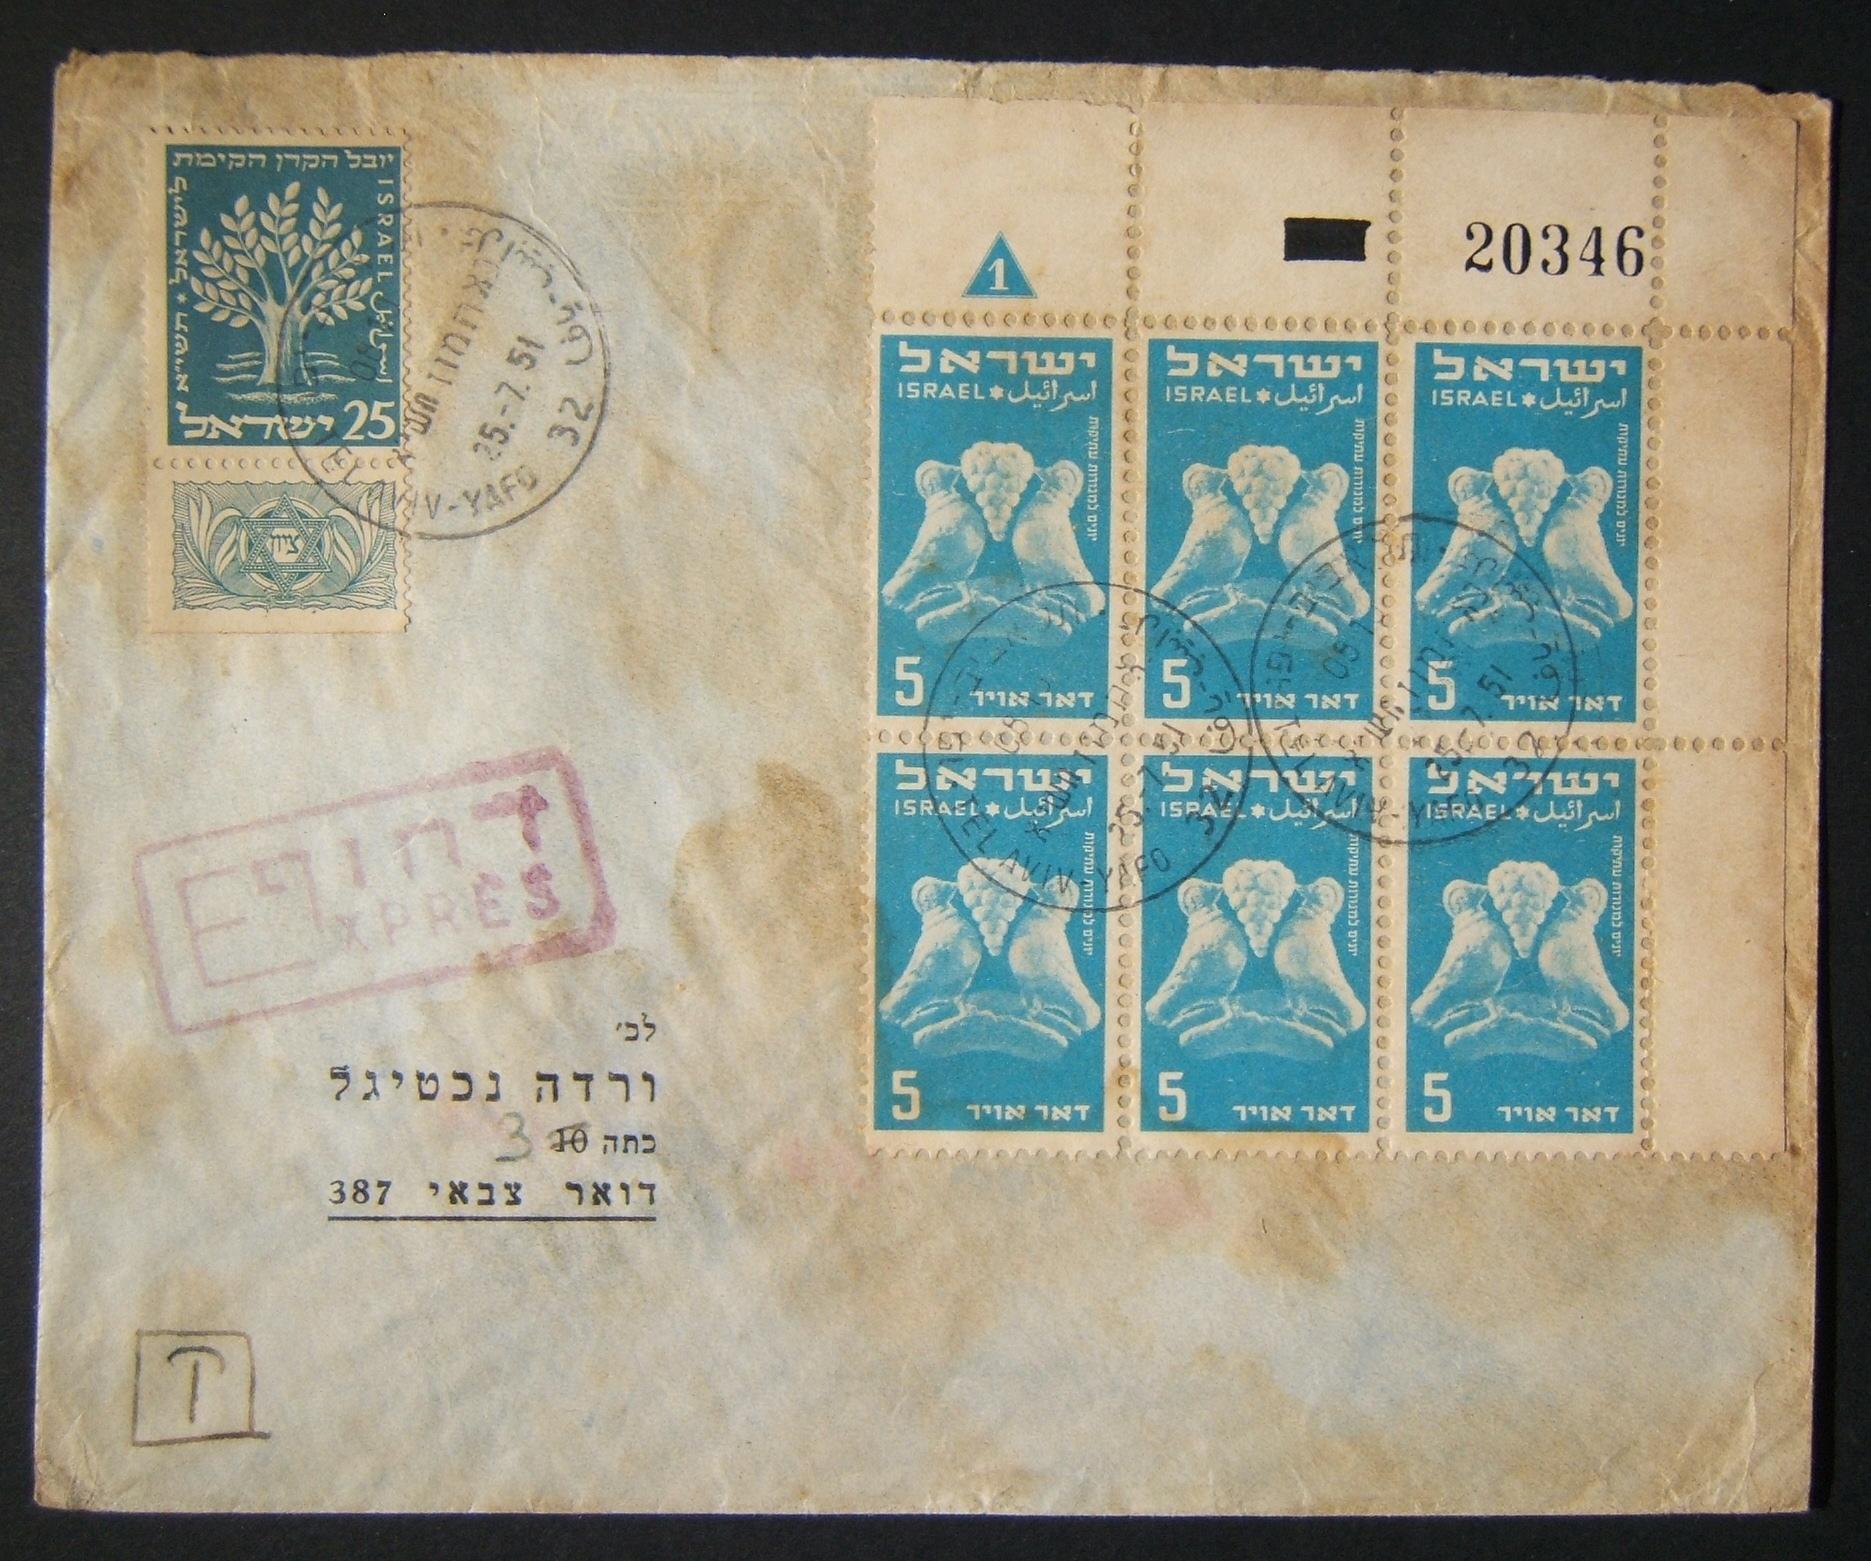 1951 תל אביב ליחידה צבאית דואר אקספרס עם כיתוב ראשון חותמת אימייל